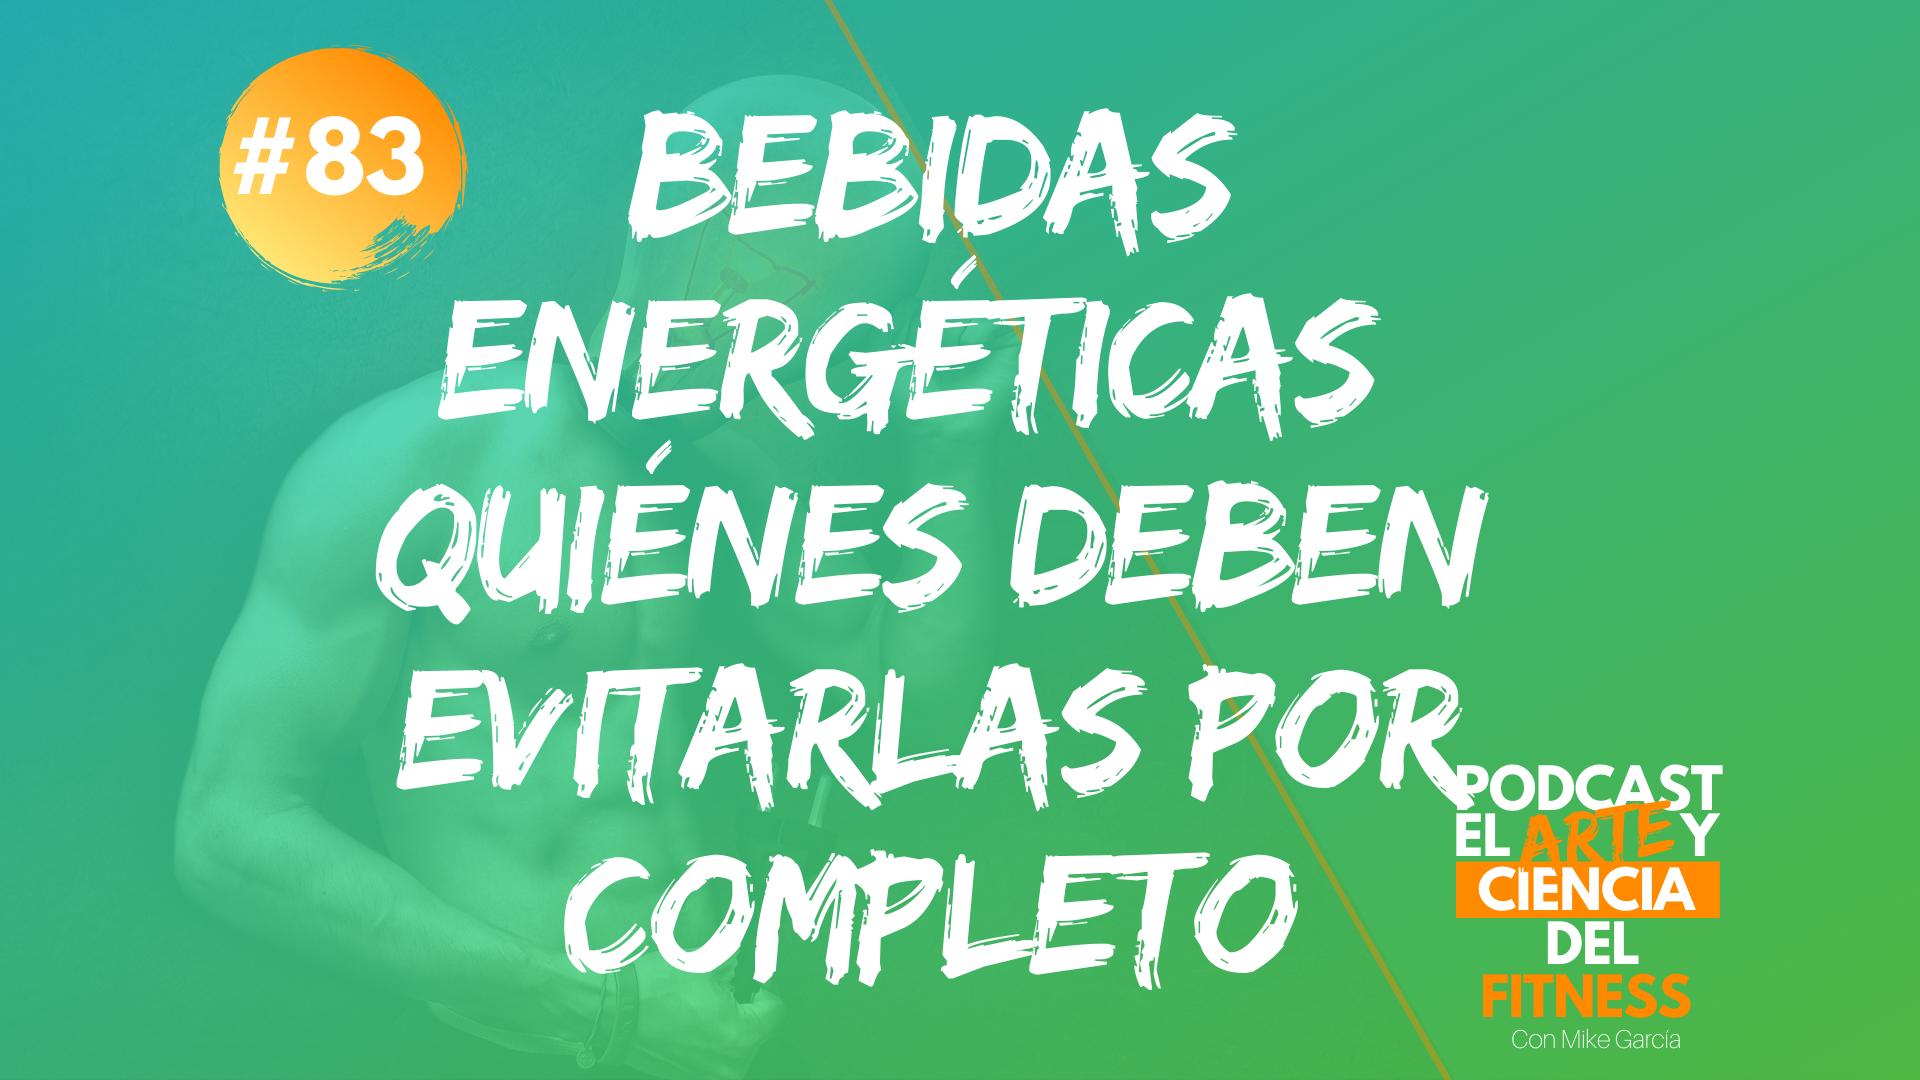 Podcast #83: Bebidas Energéticas: Quiénes Deben Evitarlas Por Completo